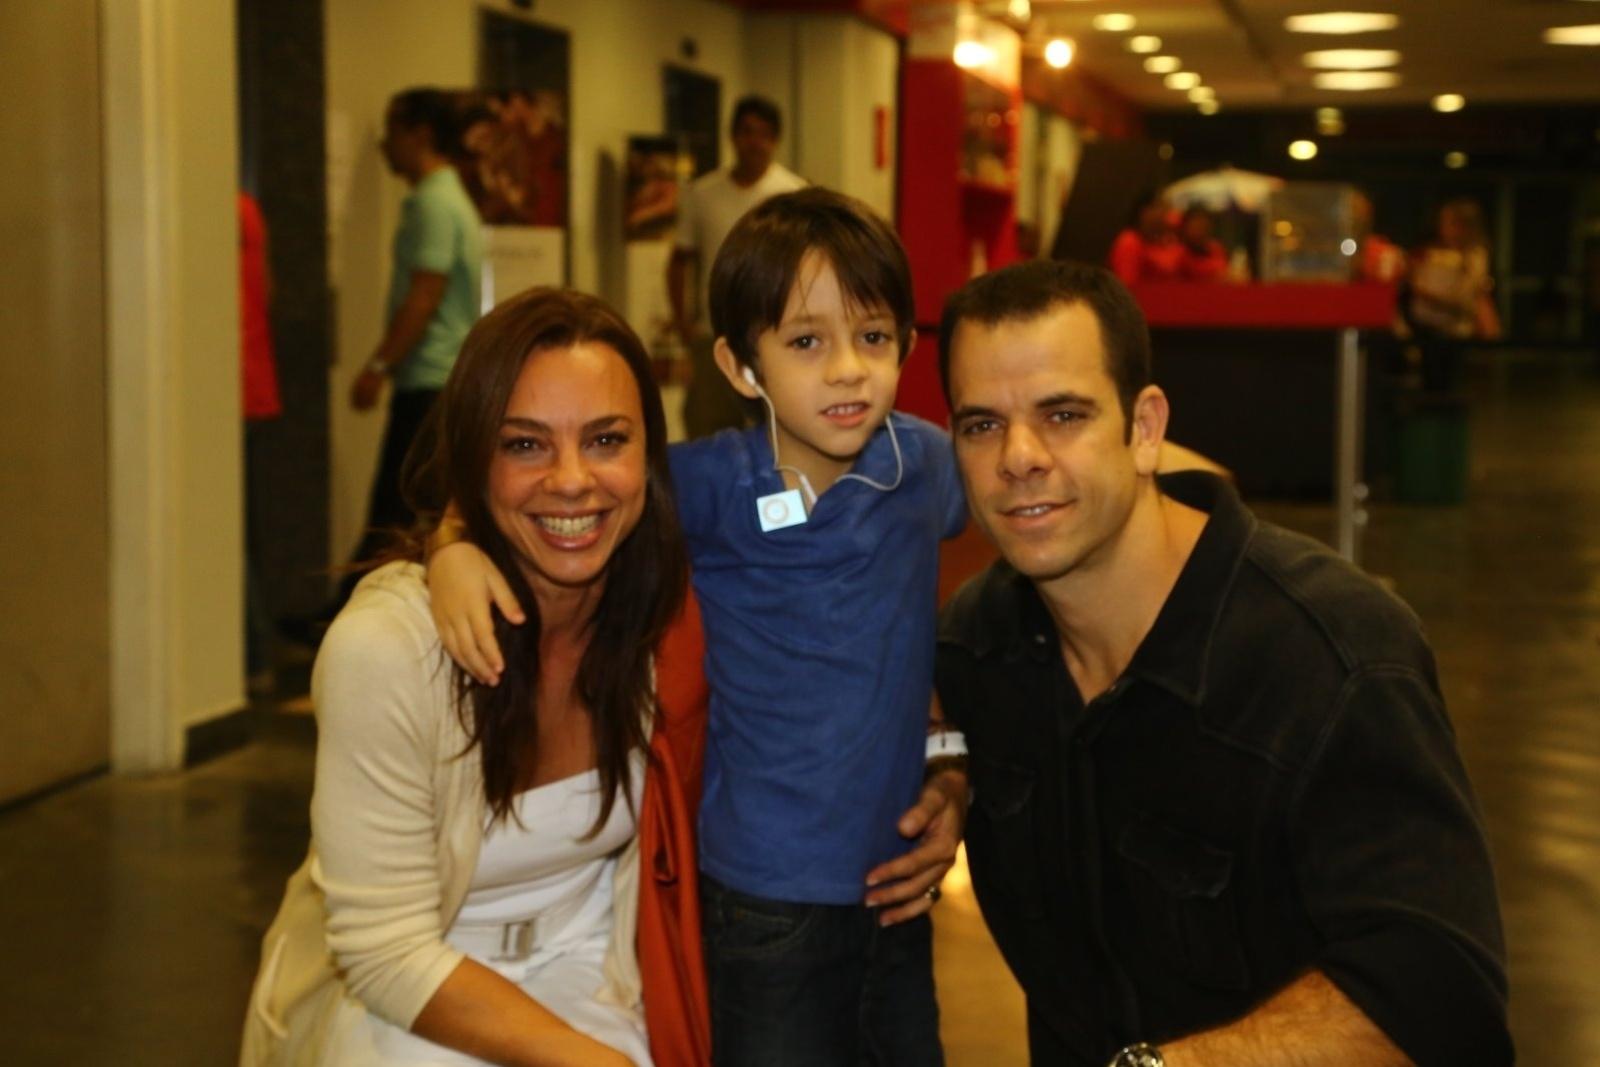 3.maio.2014 - Carla Marins com o filho, León, e o marido, Hugo Baltazar, no espetáculo infantil Disney on Ice, na tarde deste sábado (3), no Rio de Janeiro